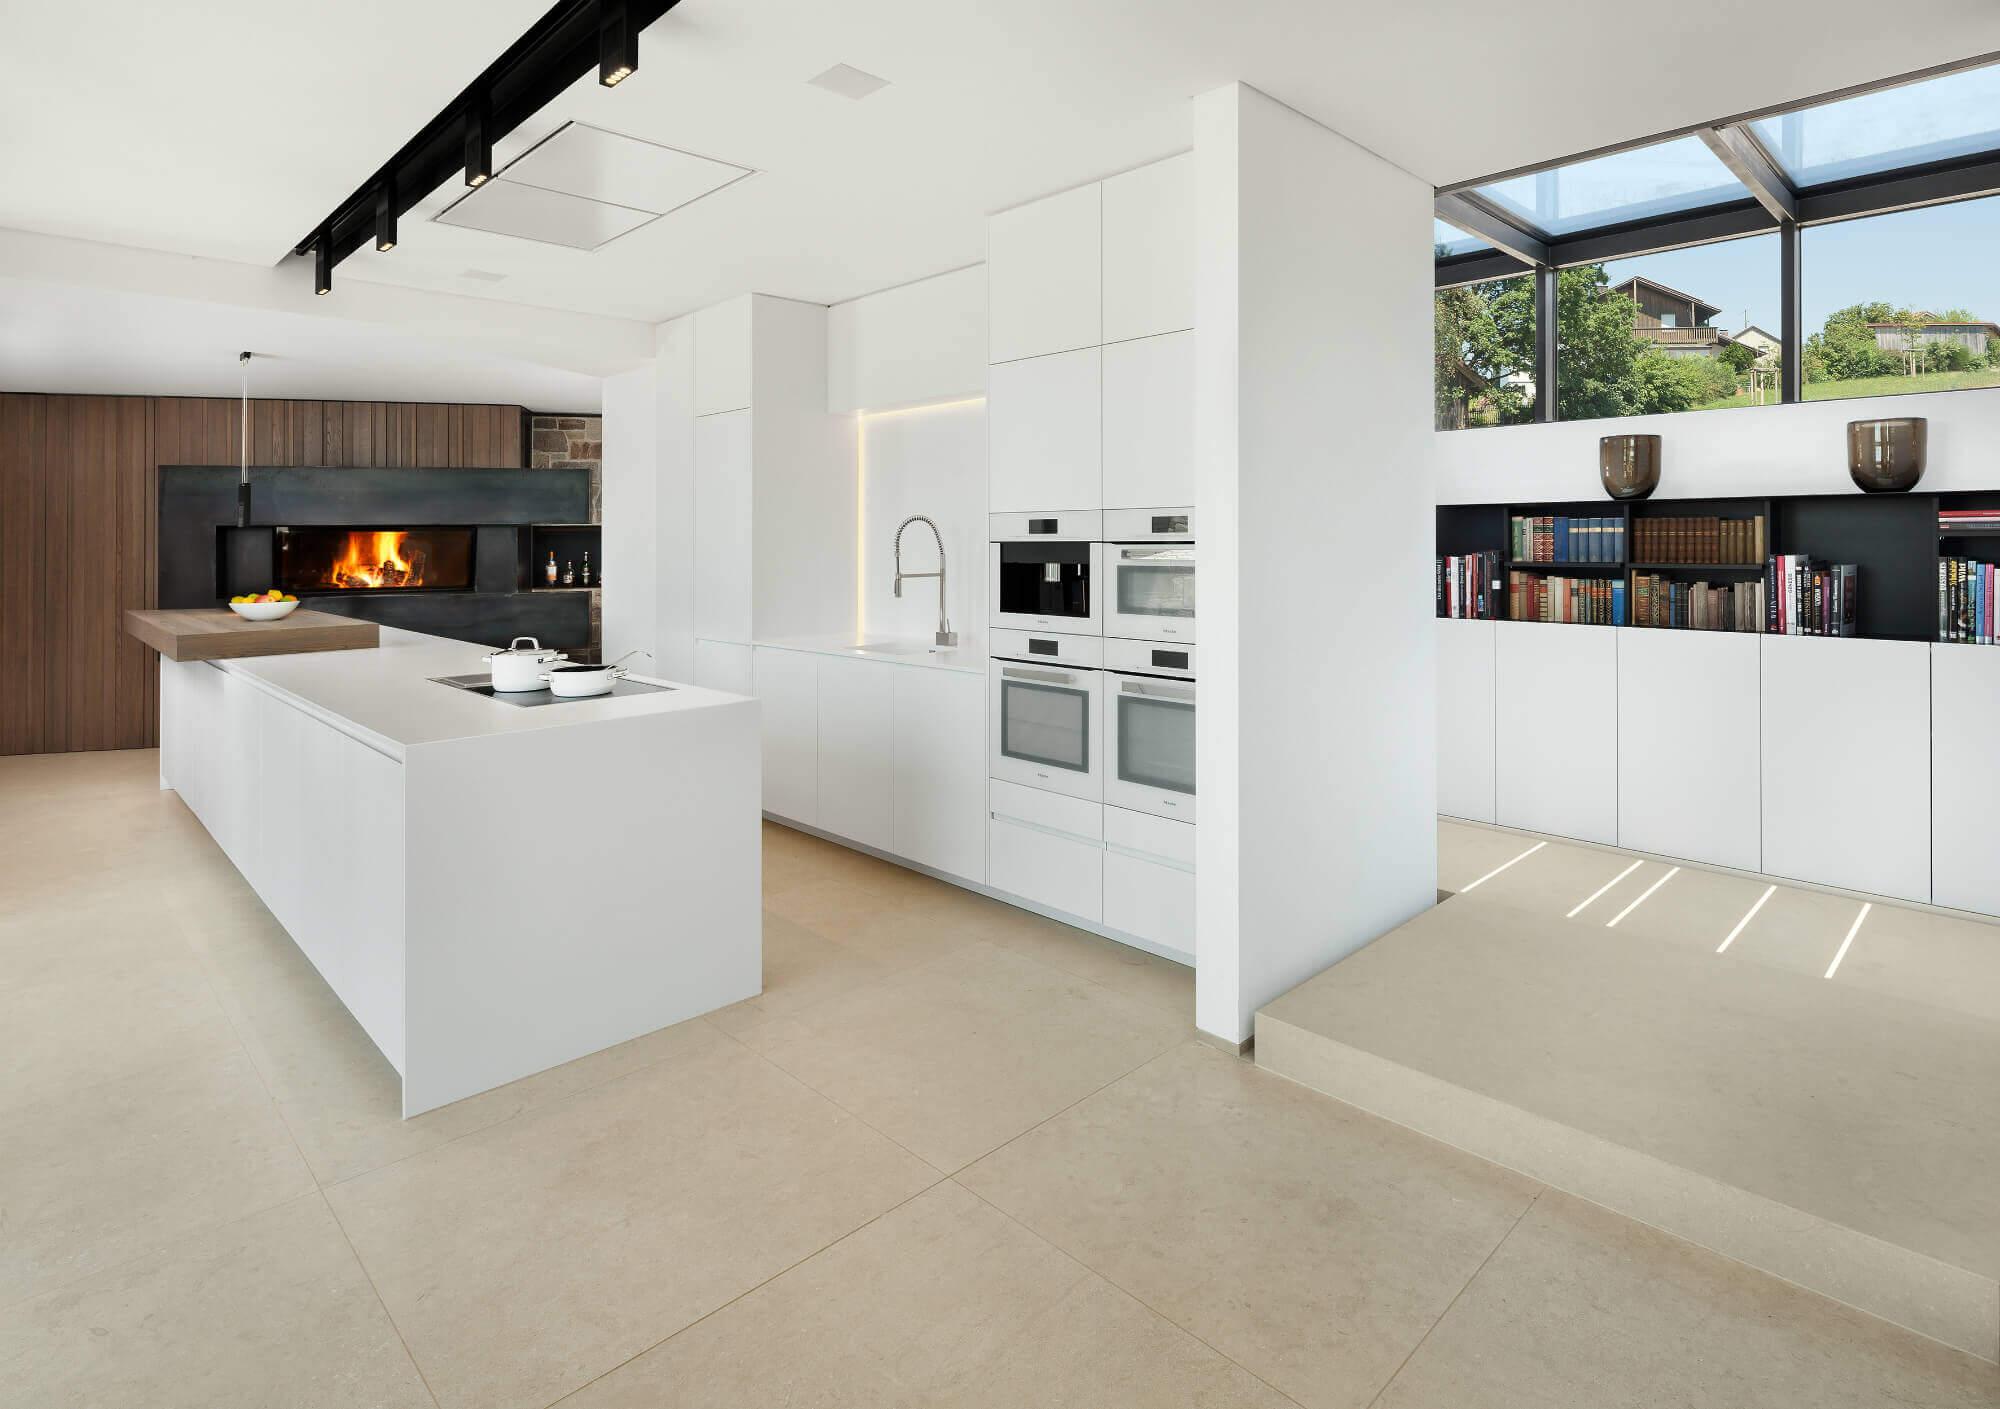 Moderne Wohnzimmer Mit Offener Kuche Offene Kuche Mit Wohnzimmer